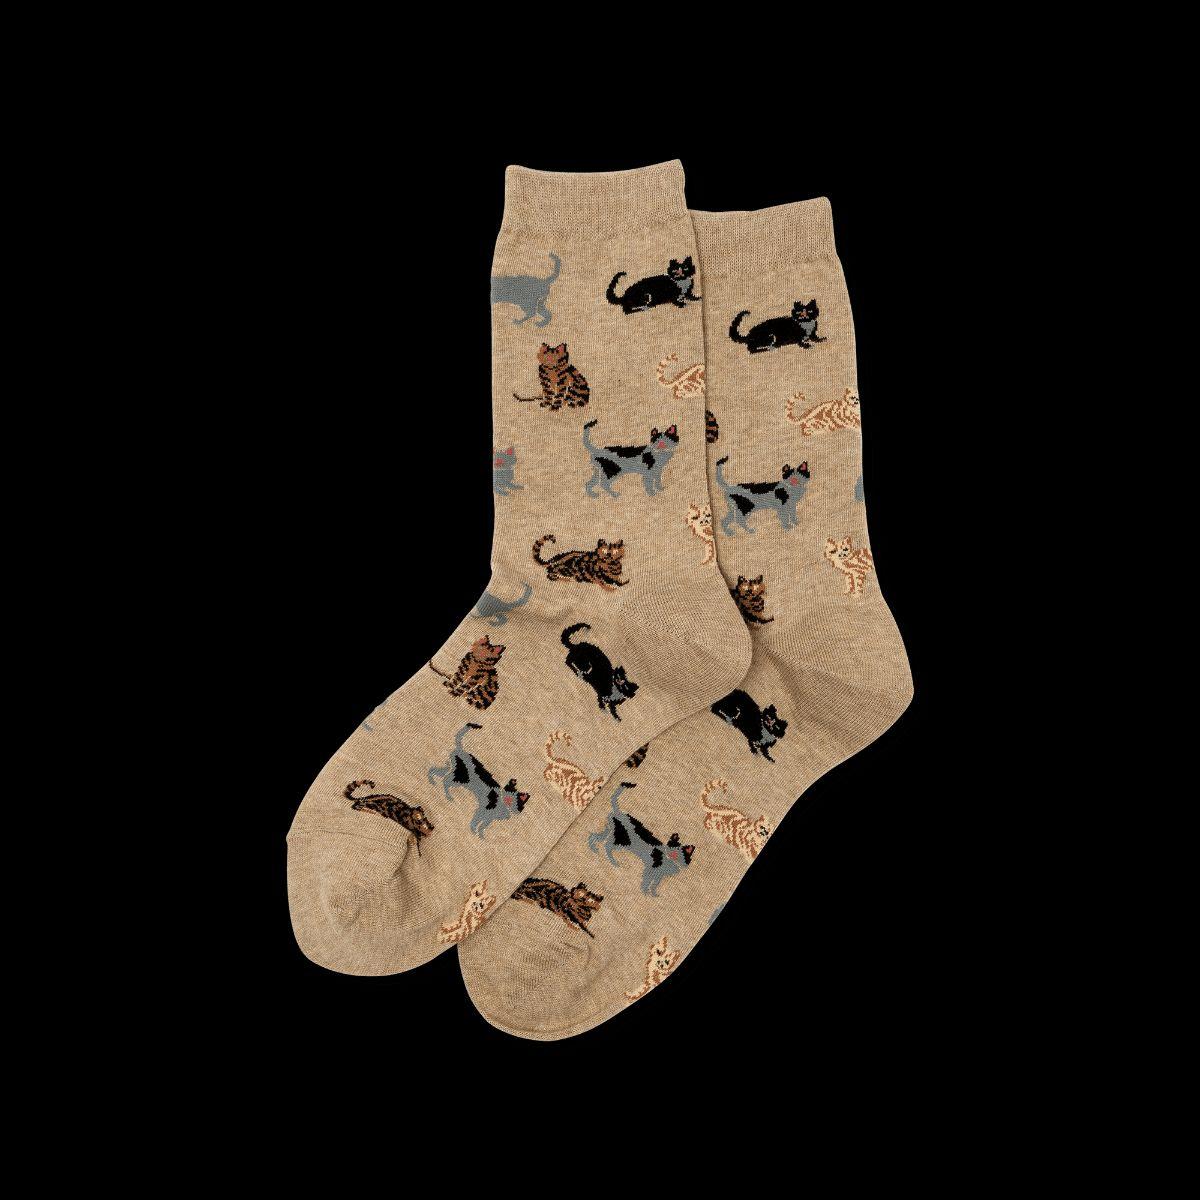 Cat-patterned socks